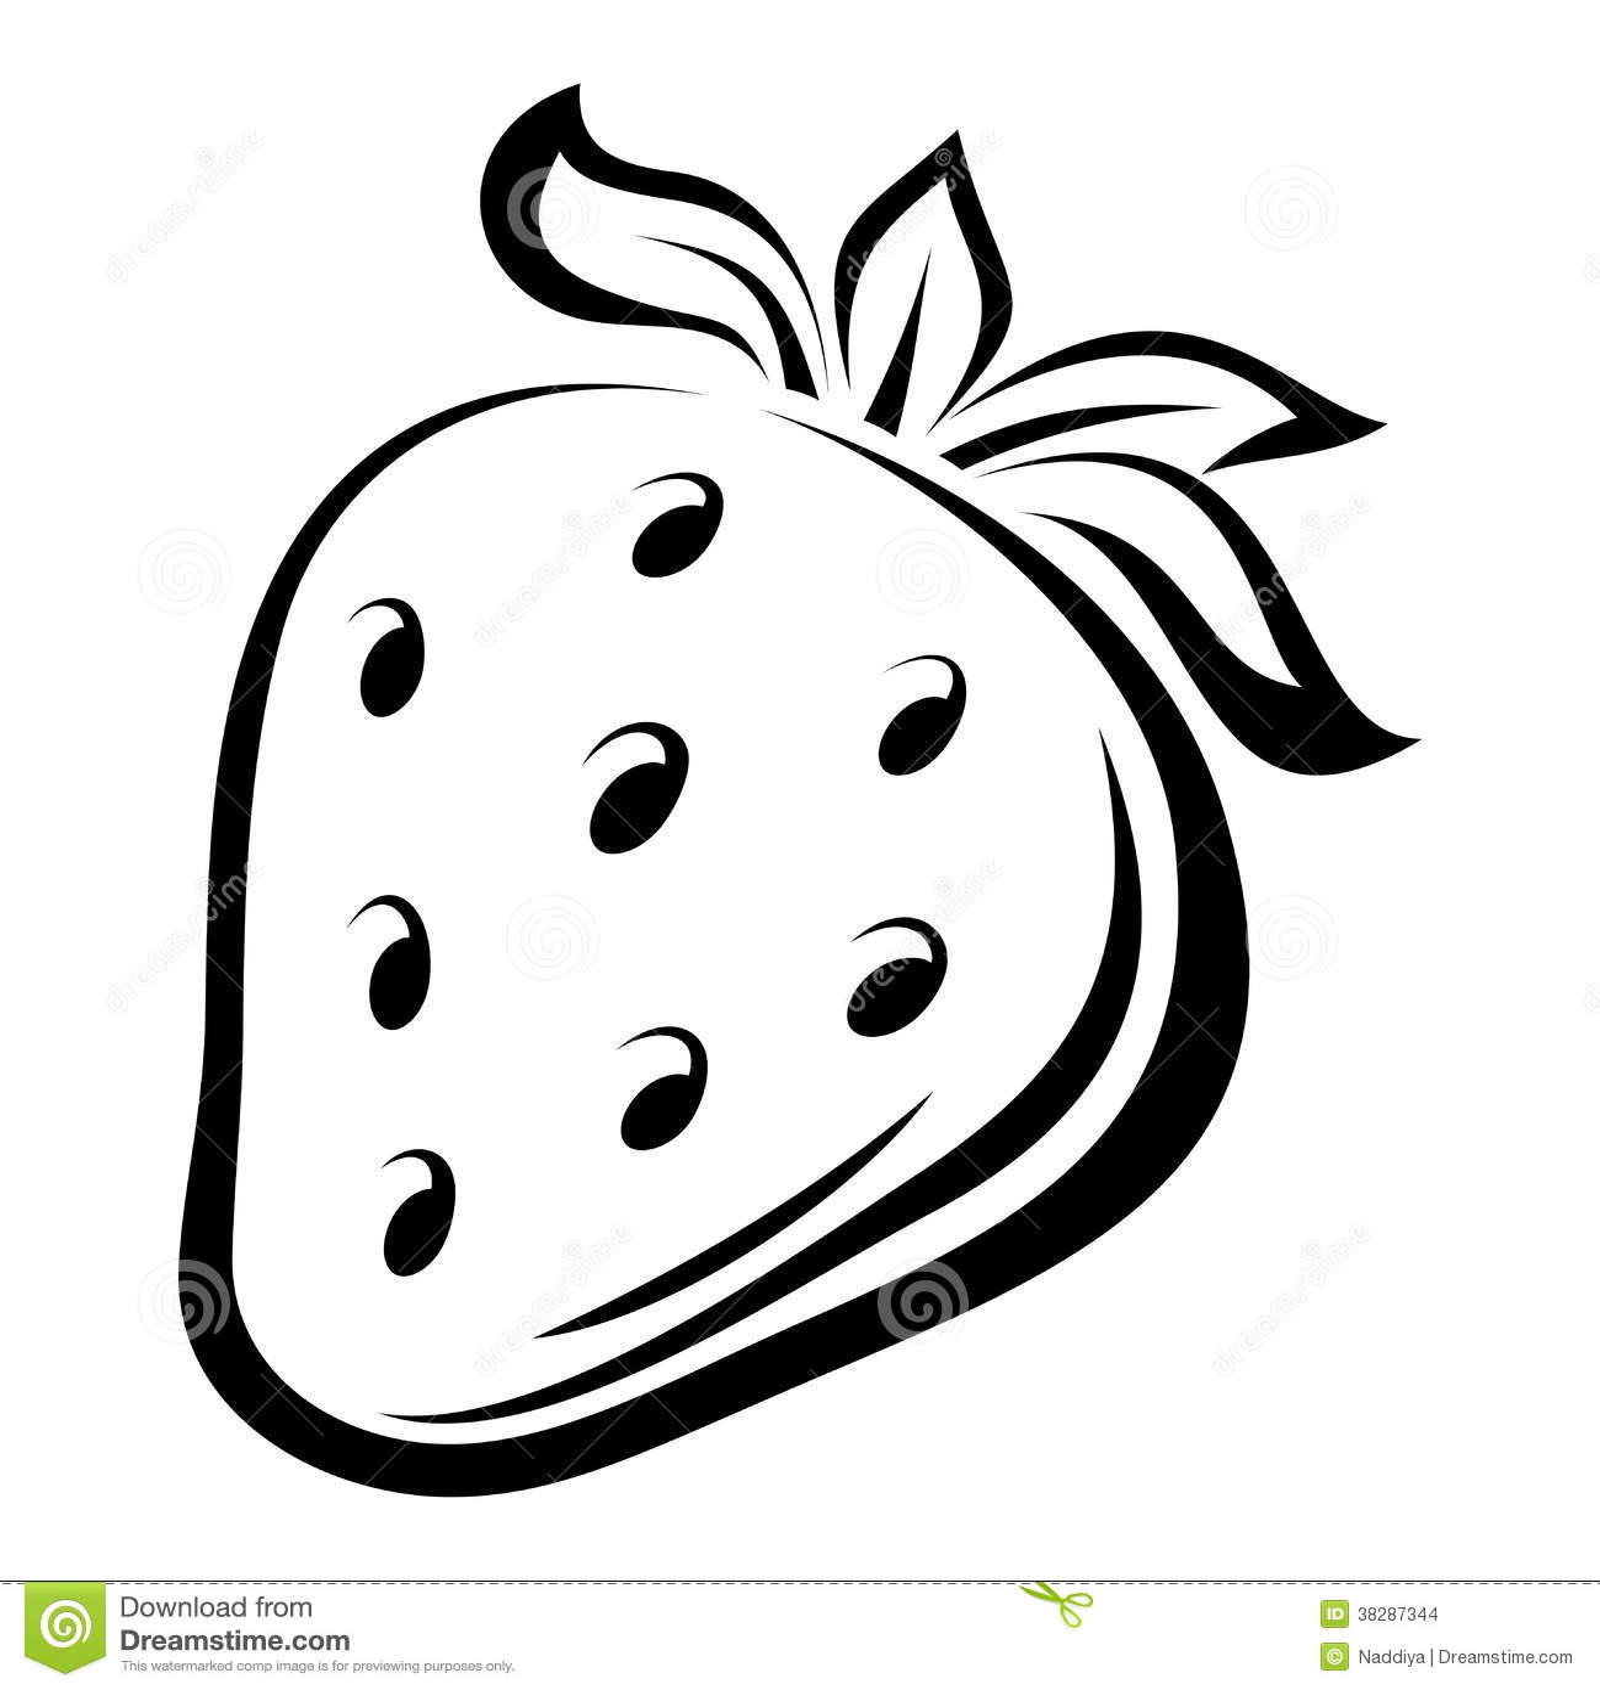 Desenho do contorno da morango.